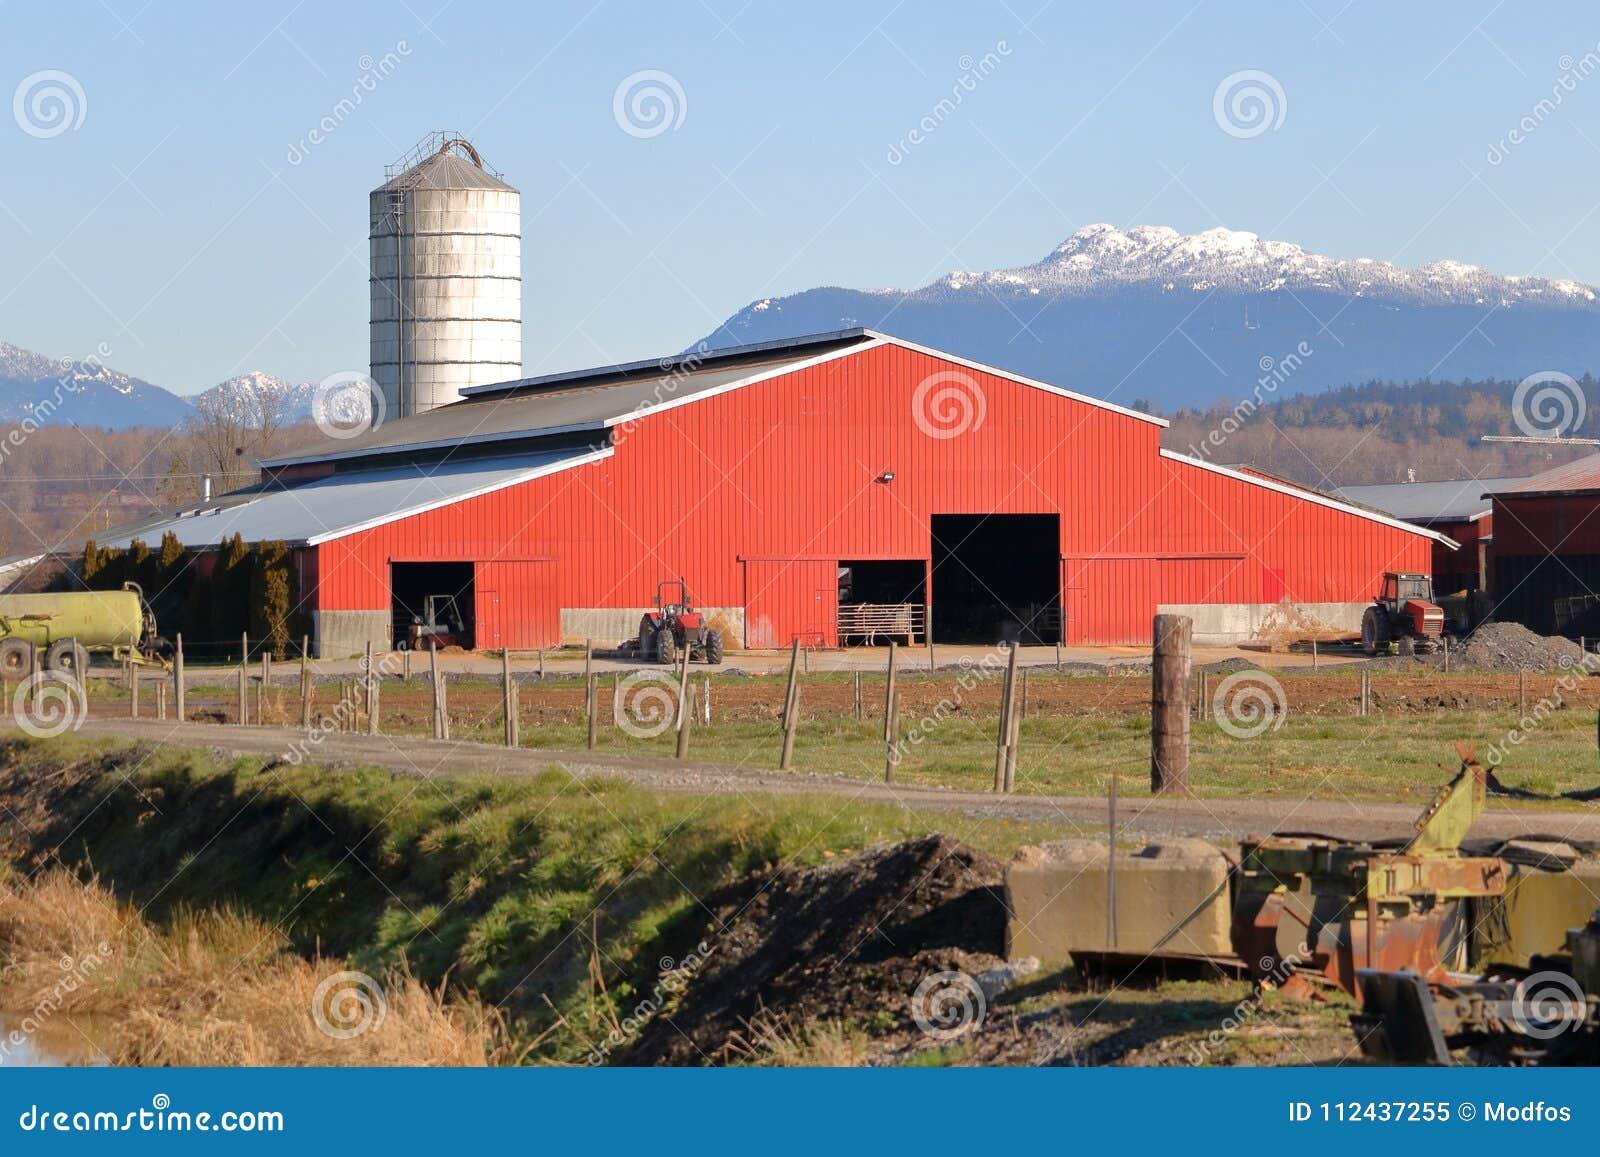 Ajuste De La Montaña Y Granero Rojo Imagen de archivo - Imagen de ...